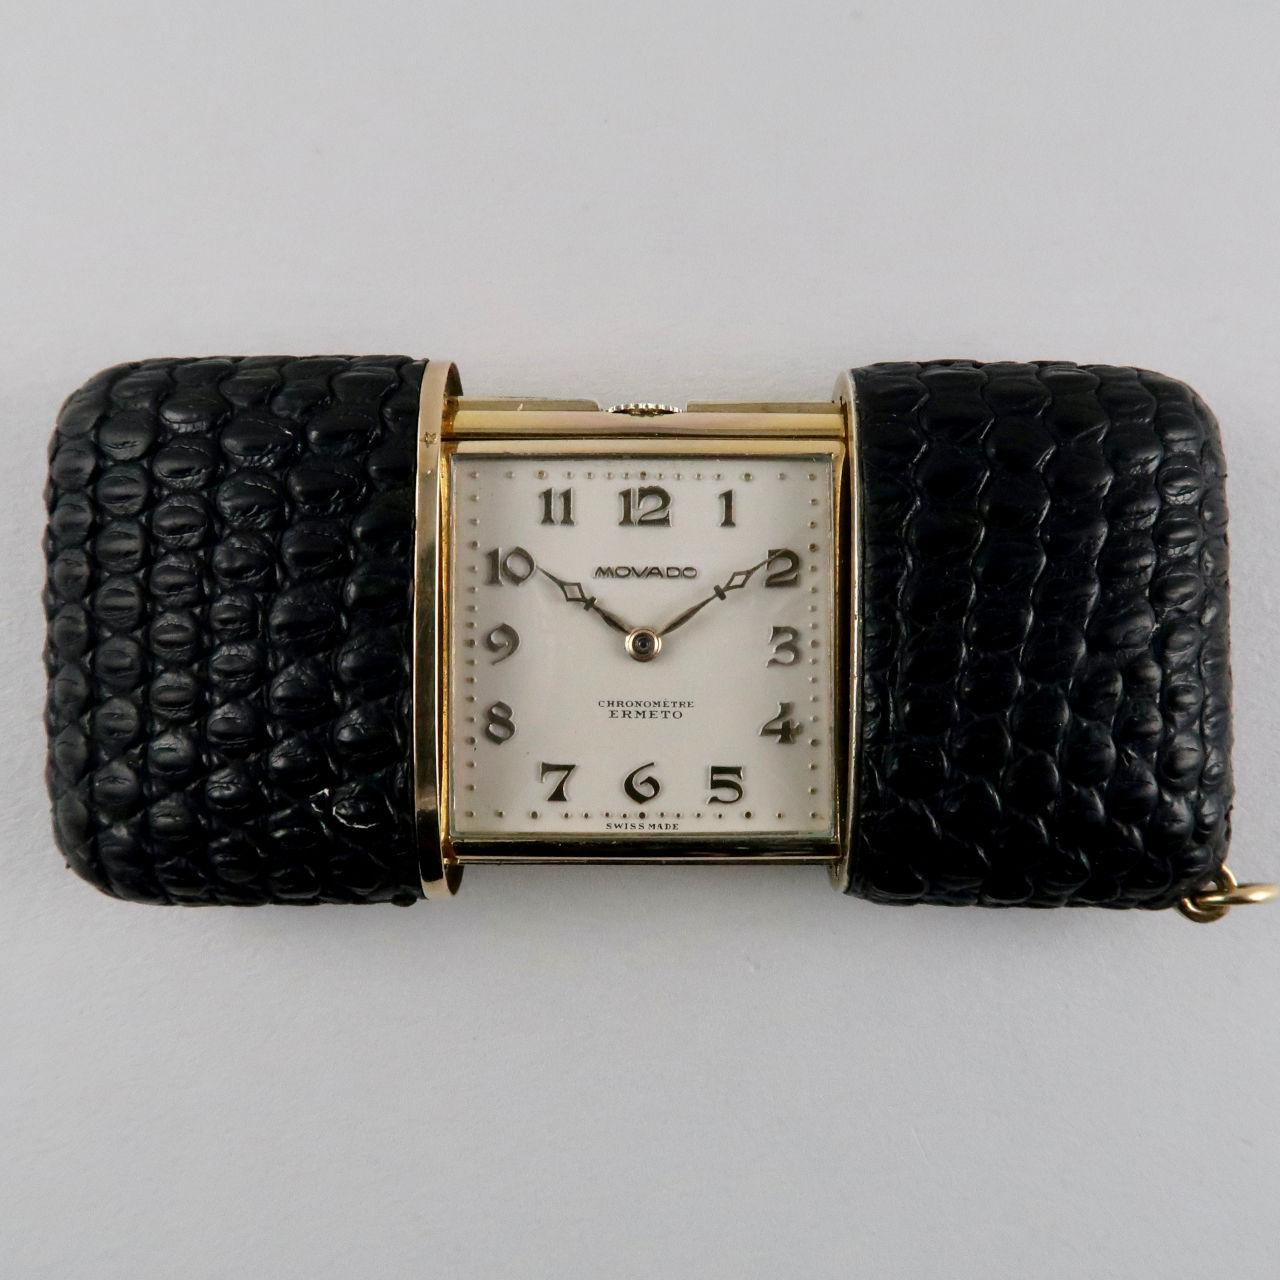 movado-ermeto-chronometre-silver-gilt-and-leather-circa-1930-wymel-v01